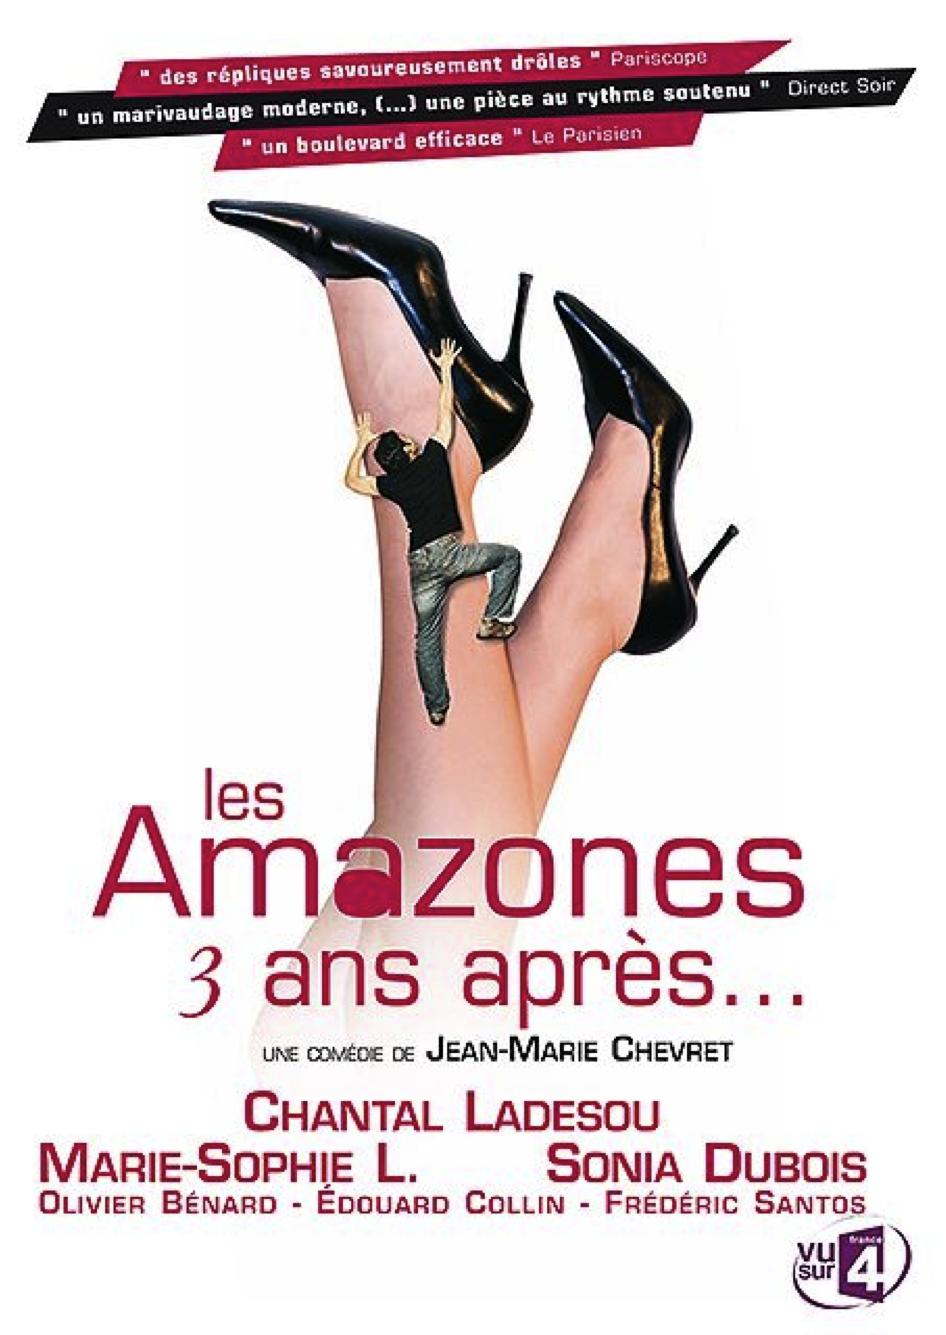 Pièce Les Amazones, 3 ans après de Jean-Marie Chevret